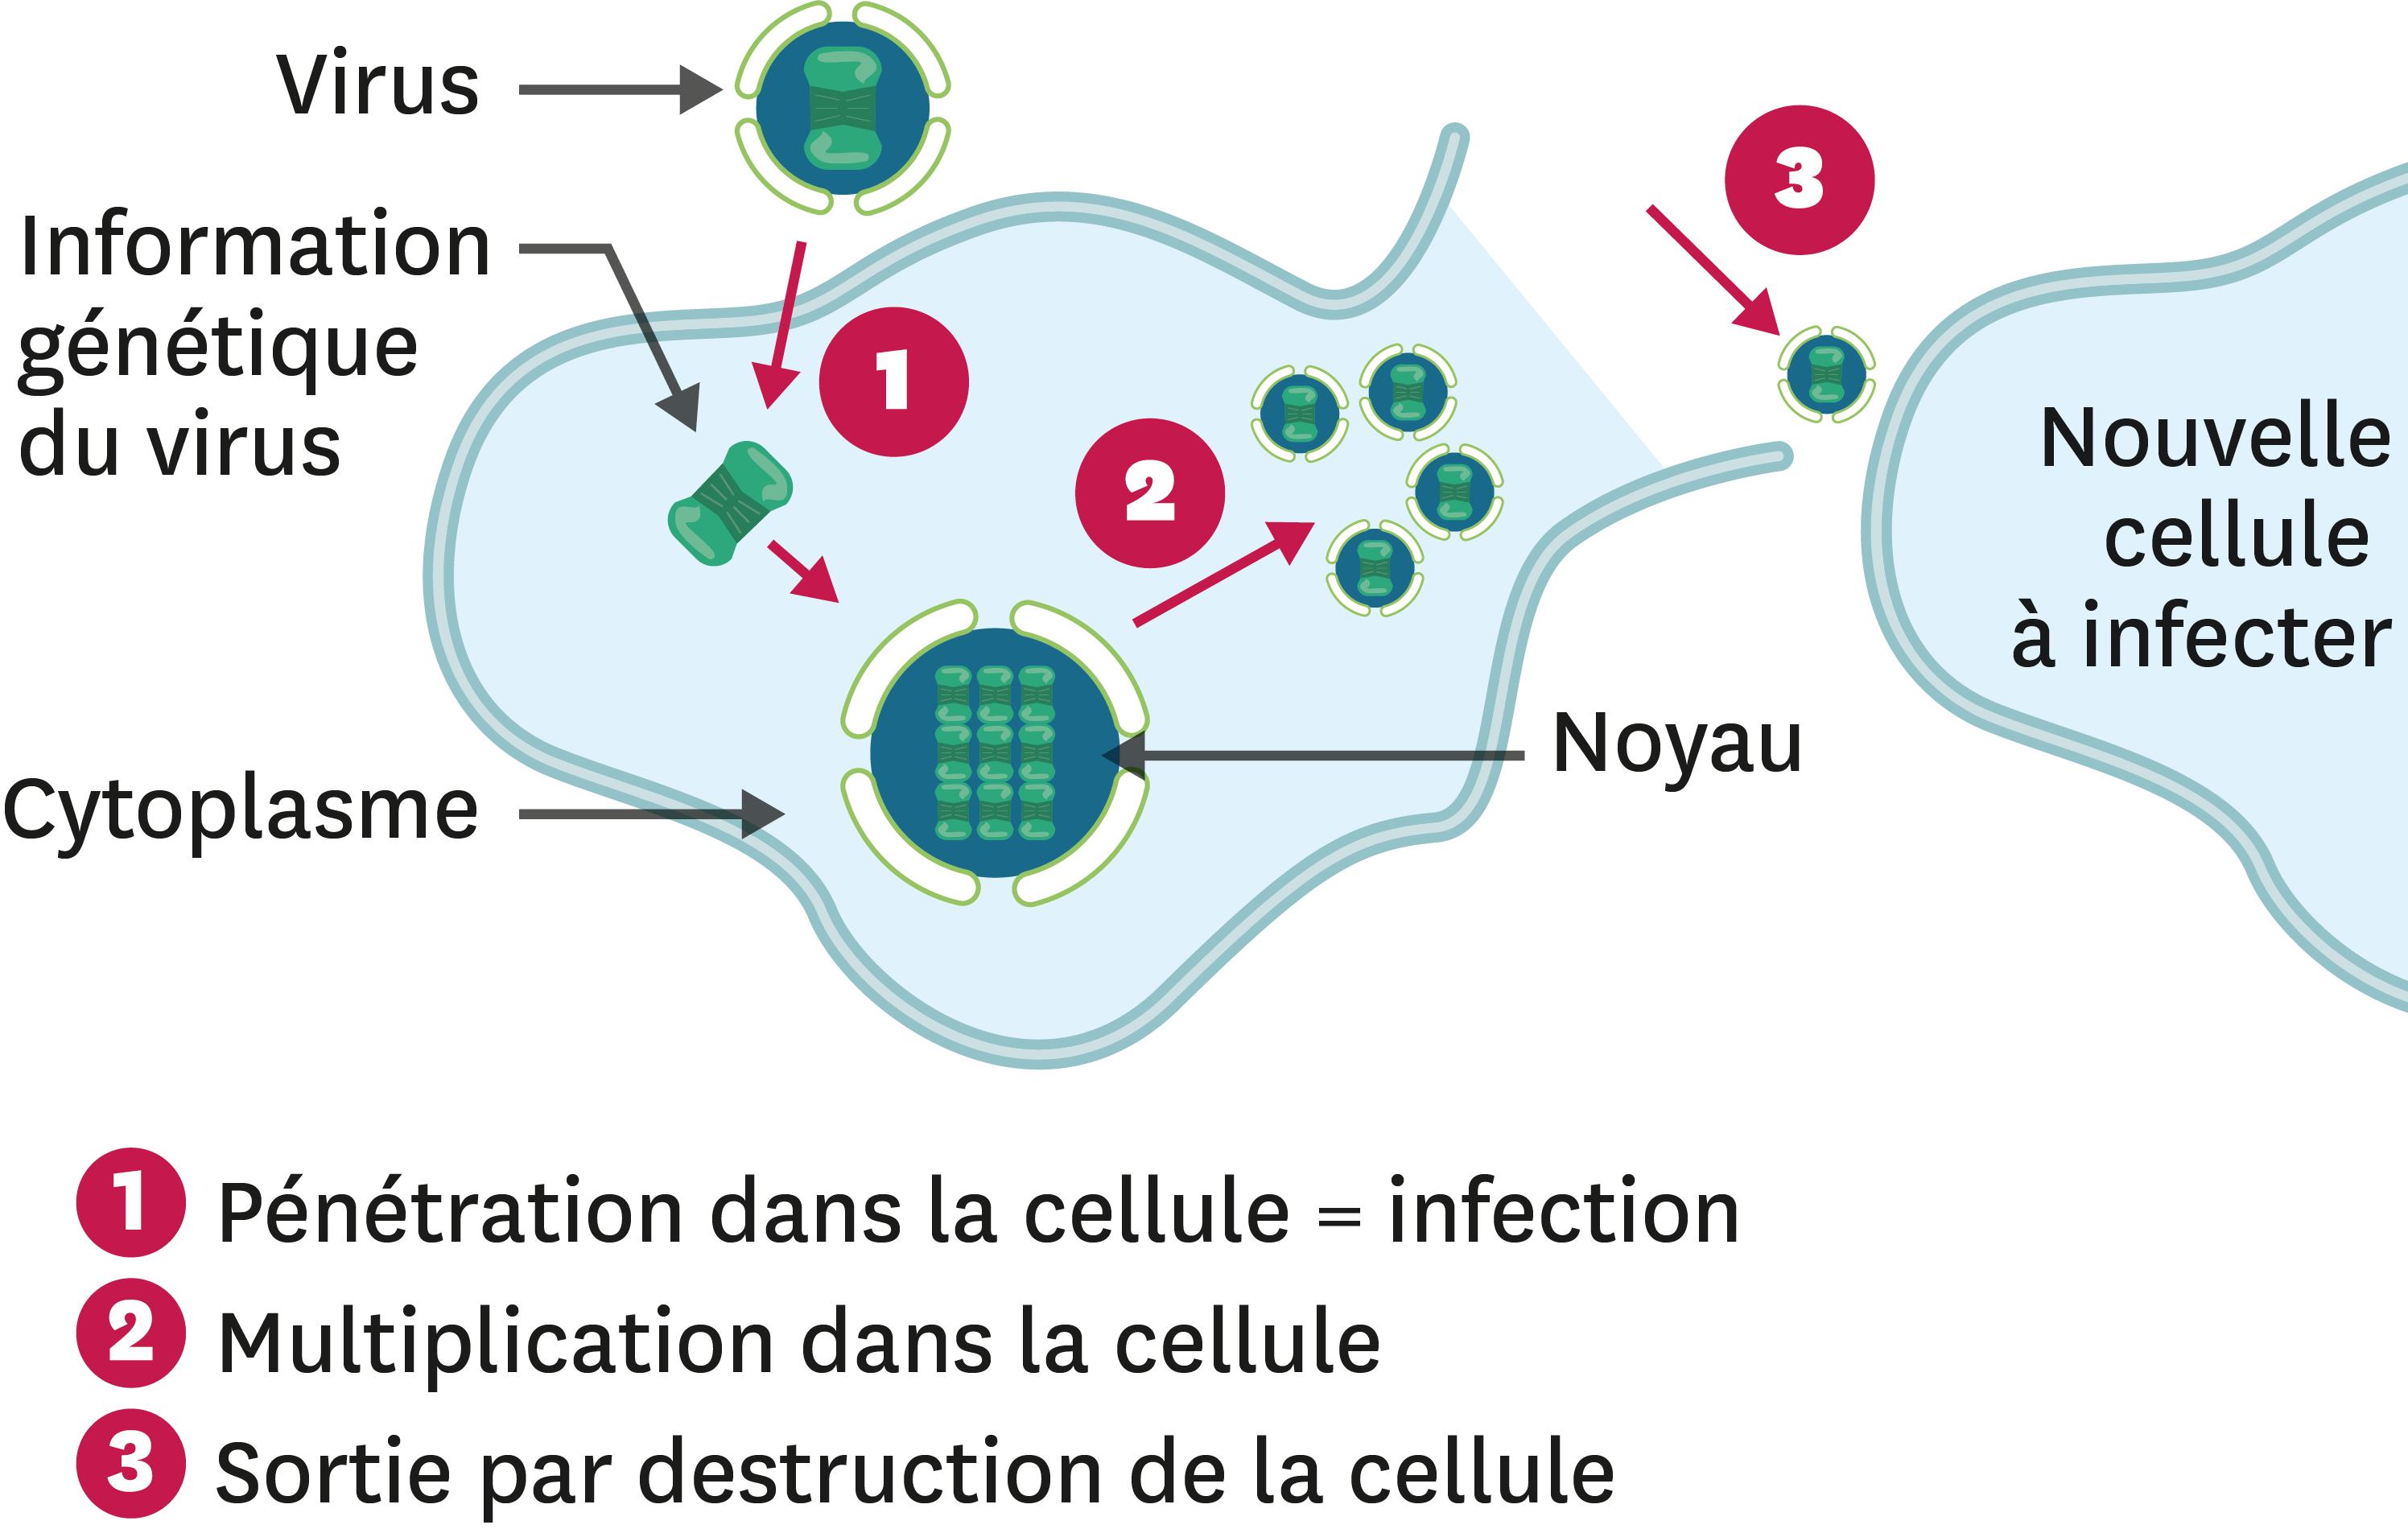 <stamp theme='svt-green1'>Doc. 3</stamp> De la contamination à l'infection dans le cas d'un virus.